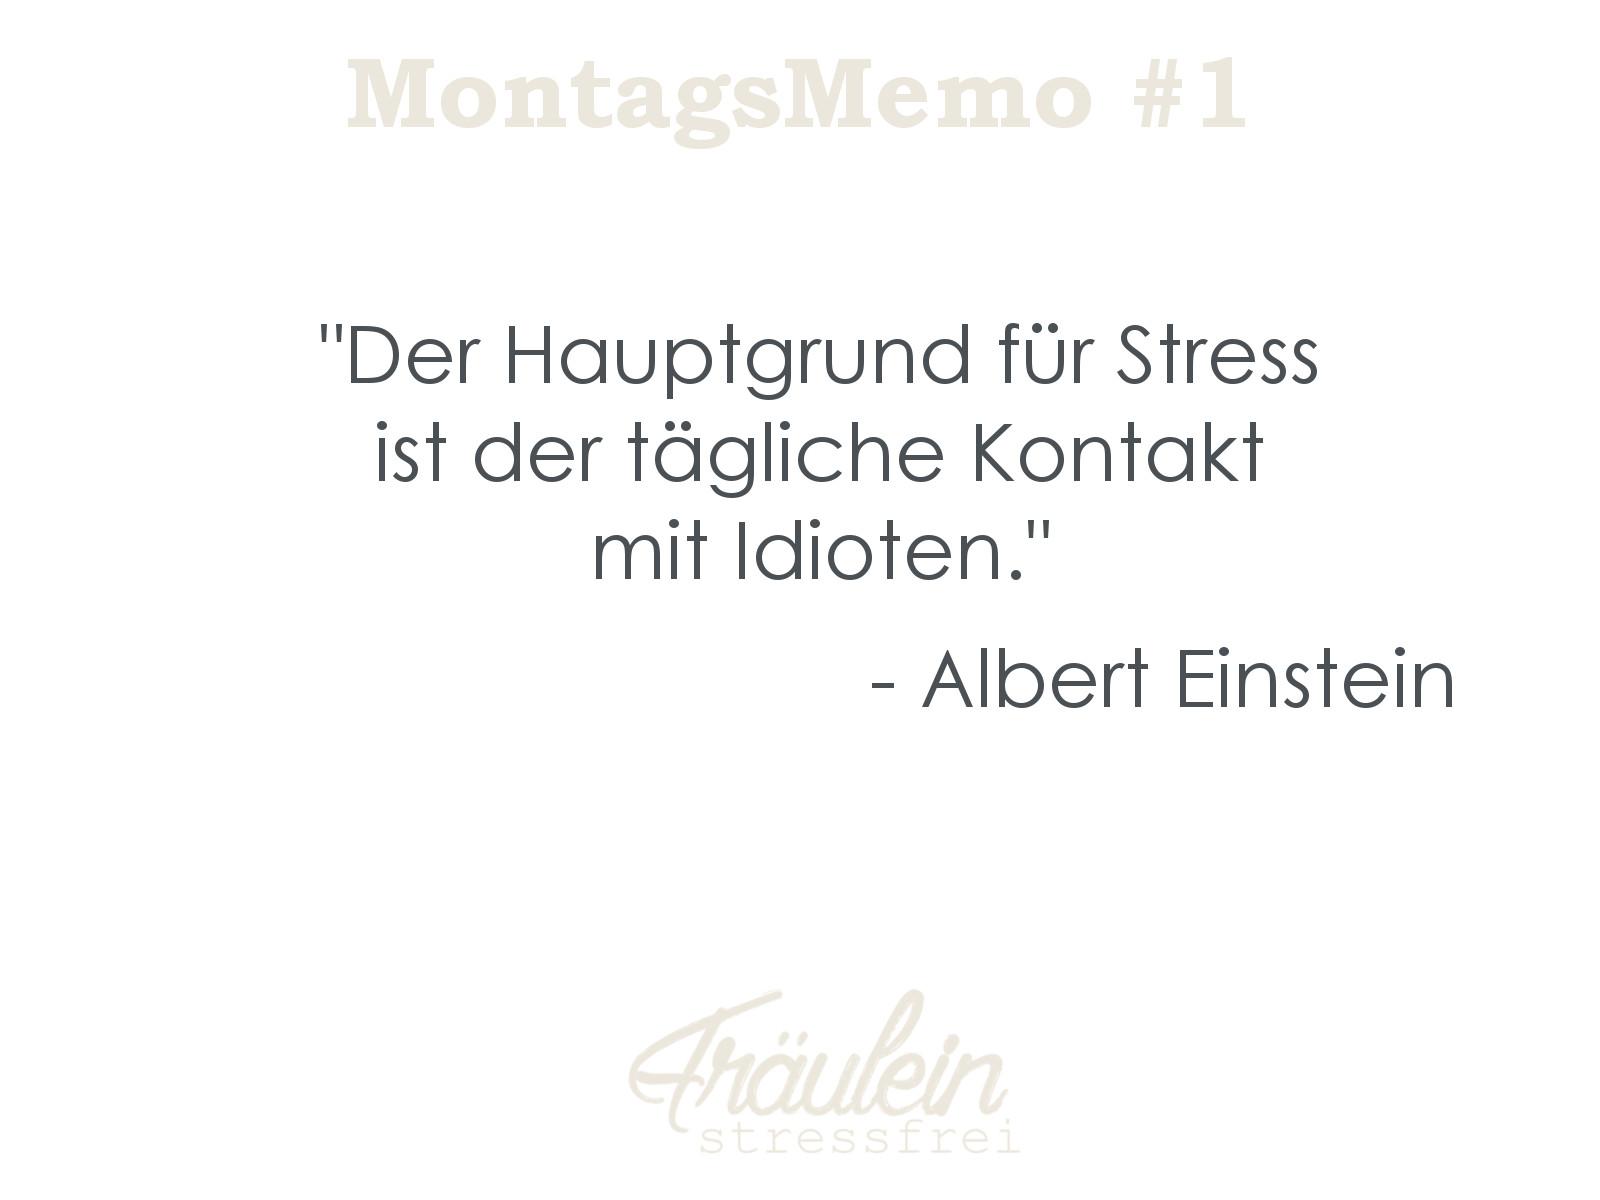 Montagsmemo-fräulein-stressfrei